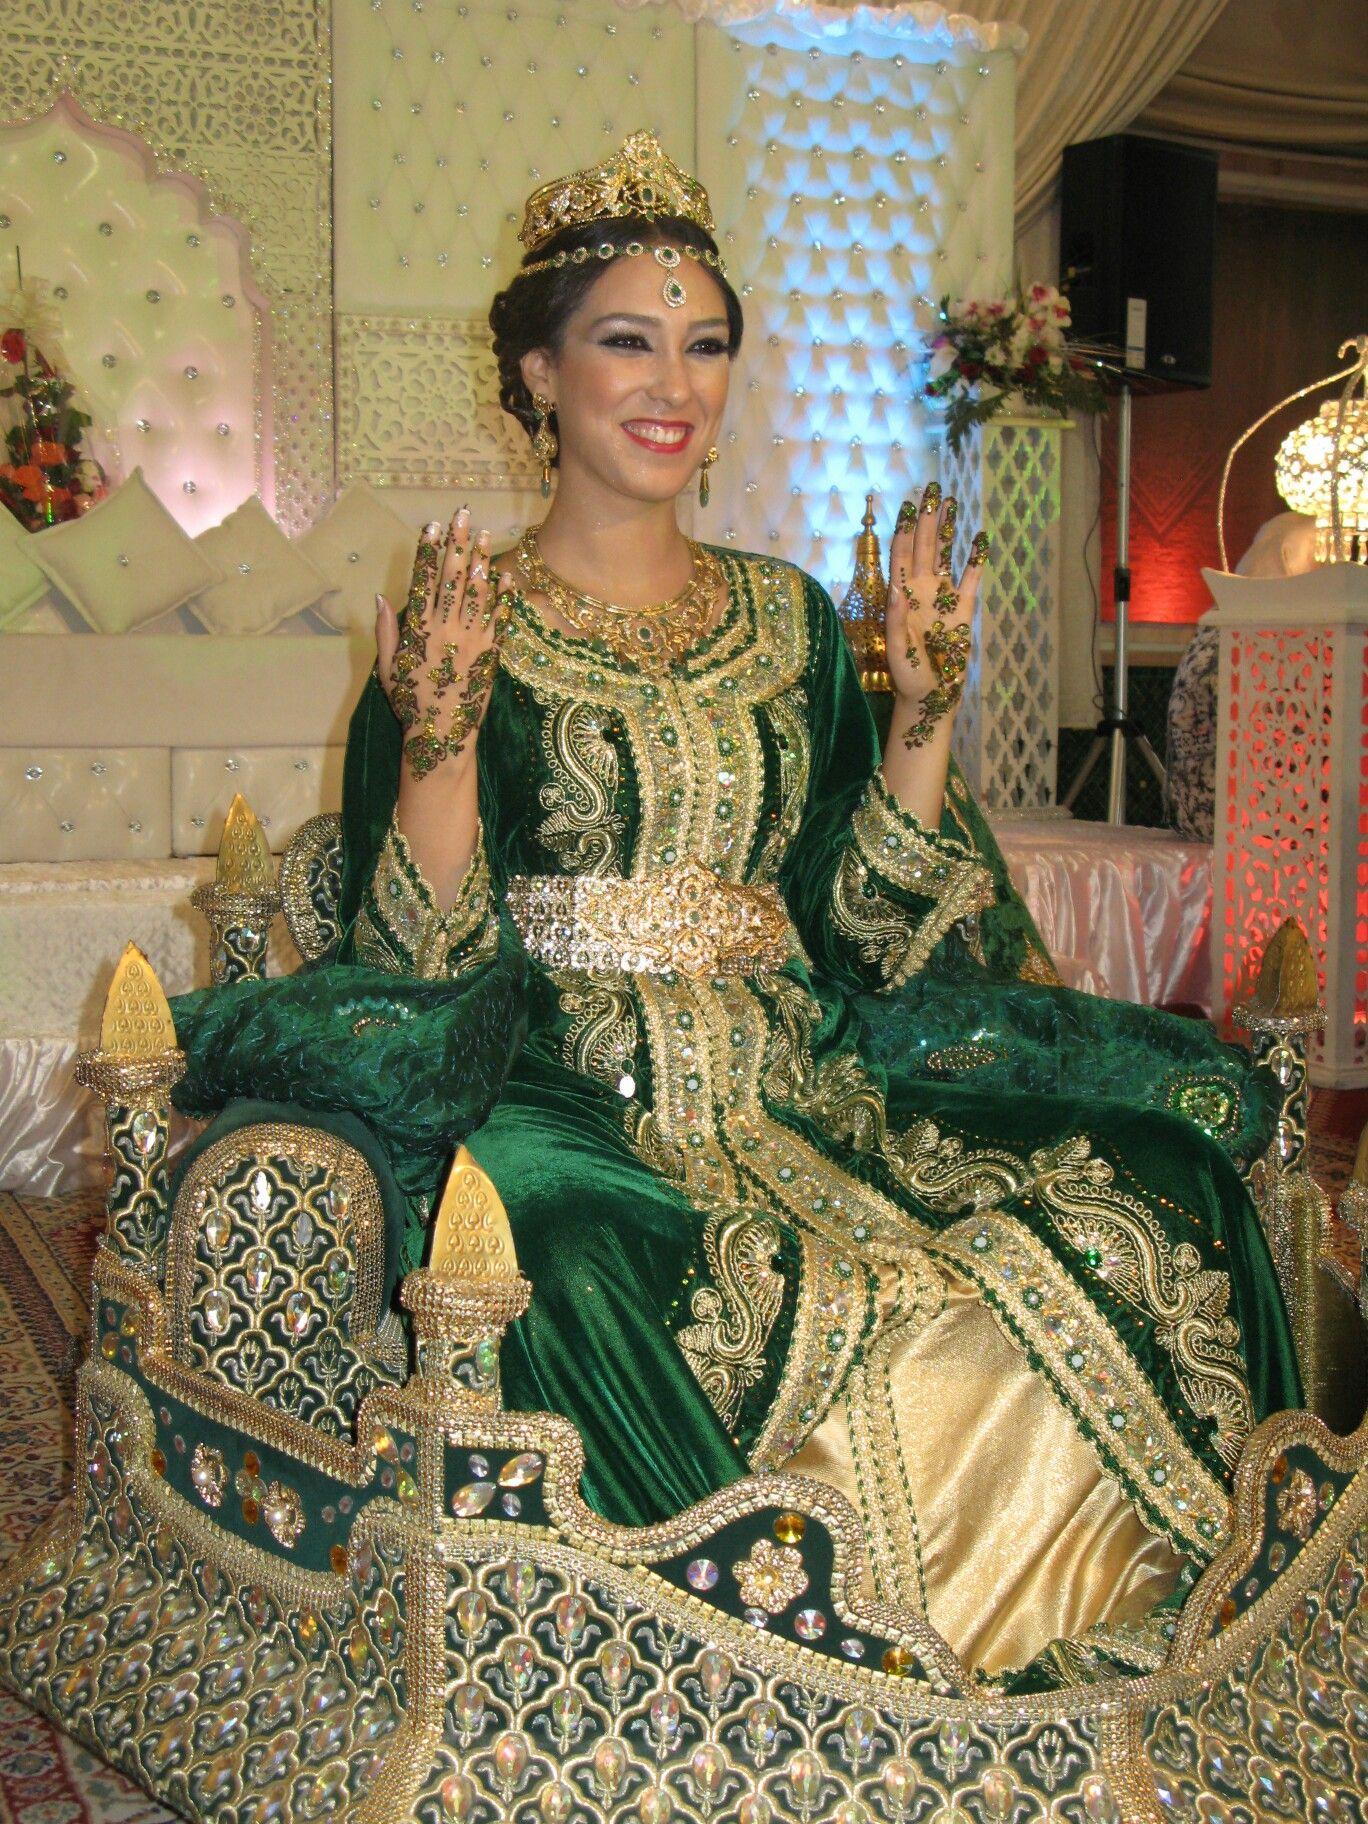 Morocco | Beautiful Arabian women on het wedding day ...